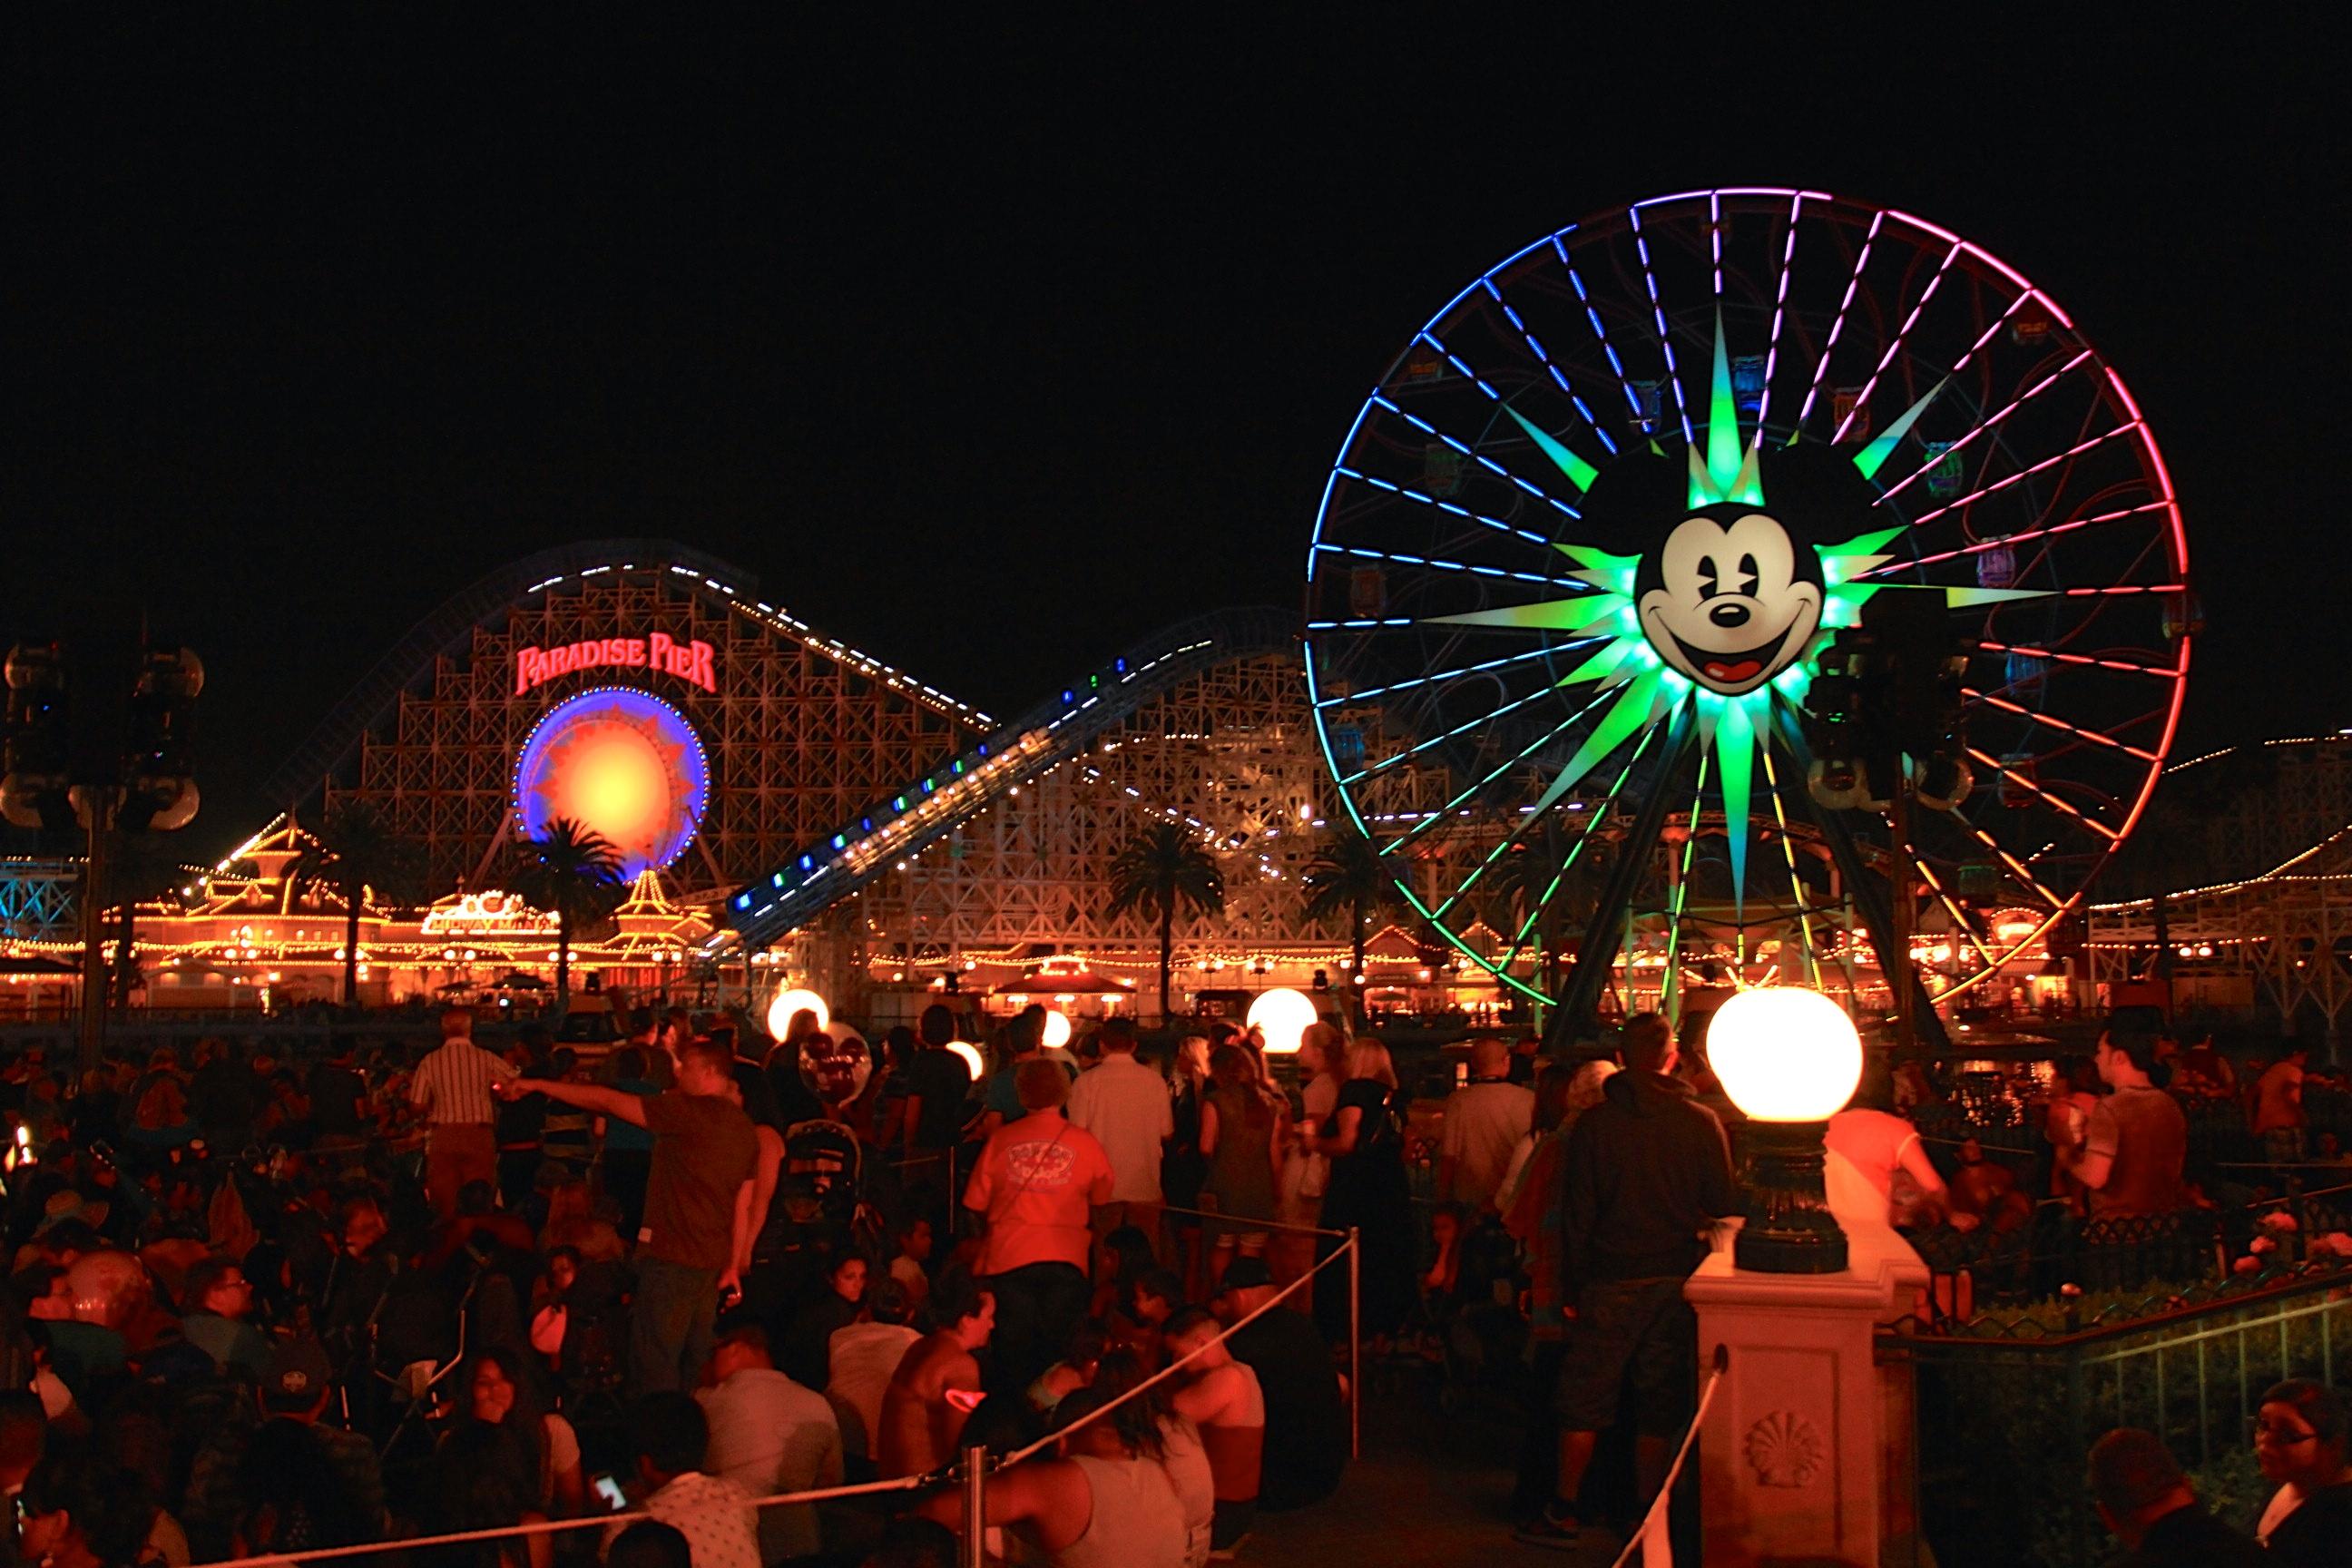 Disneyland California Adventure Park